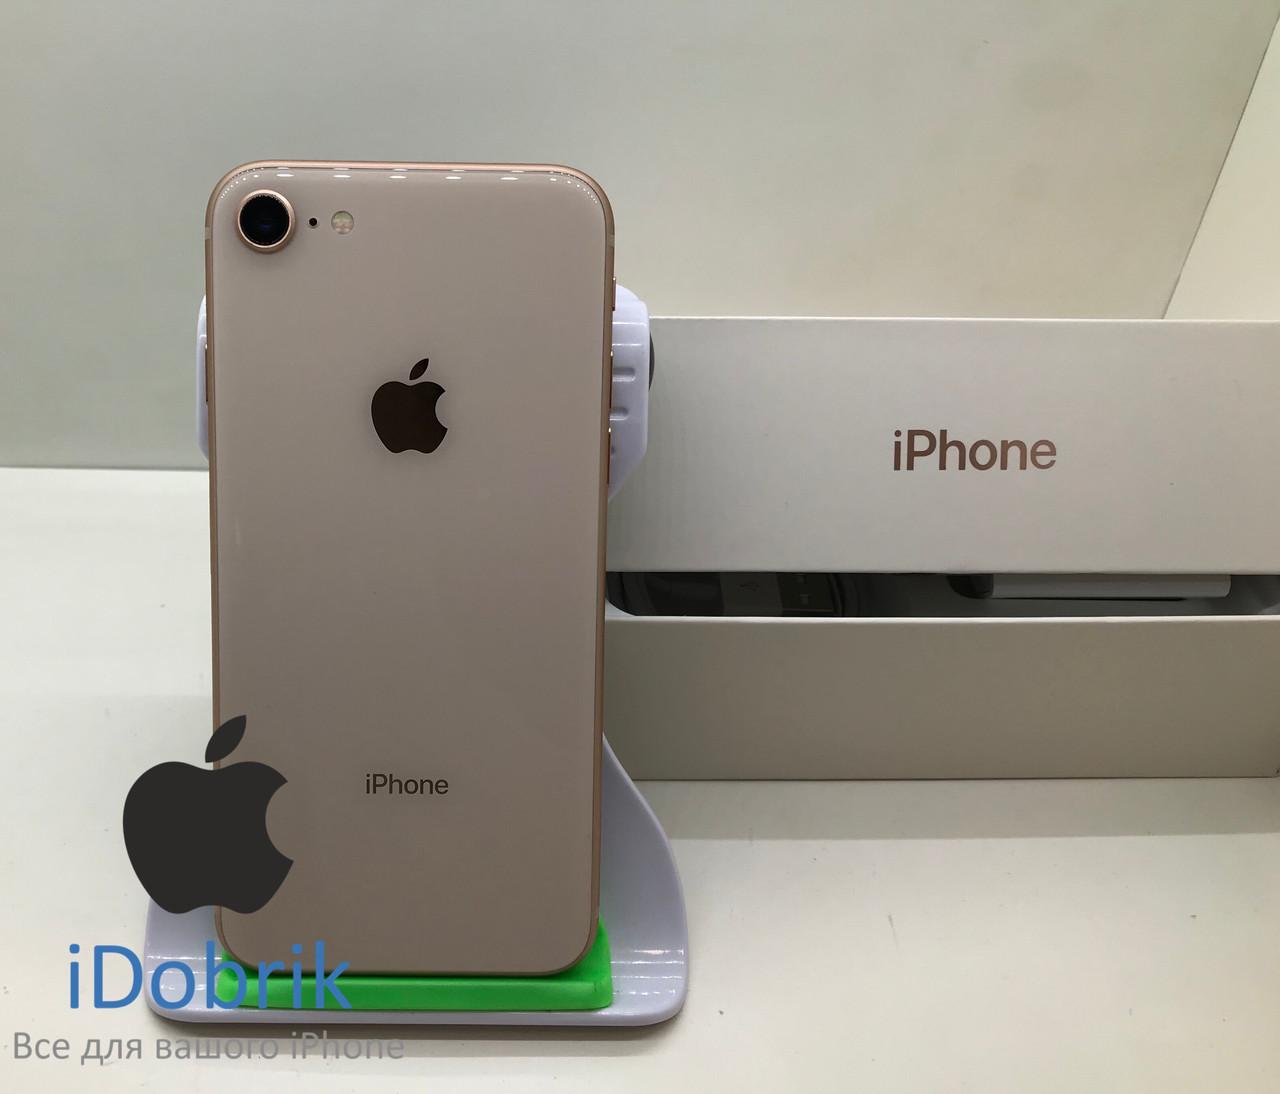 Б/У iPhone 8 64gb Gold Neverlock 9/10